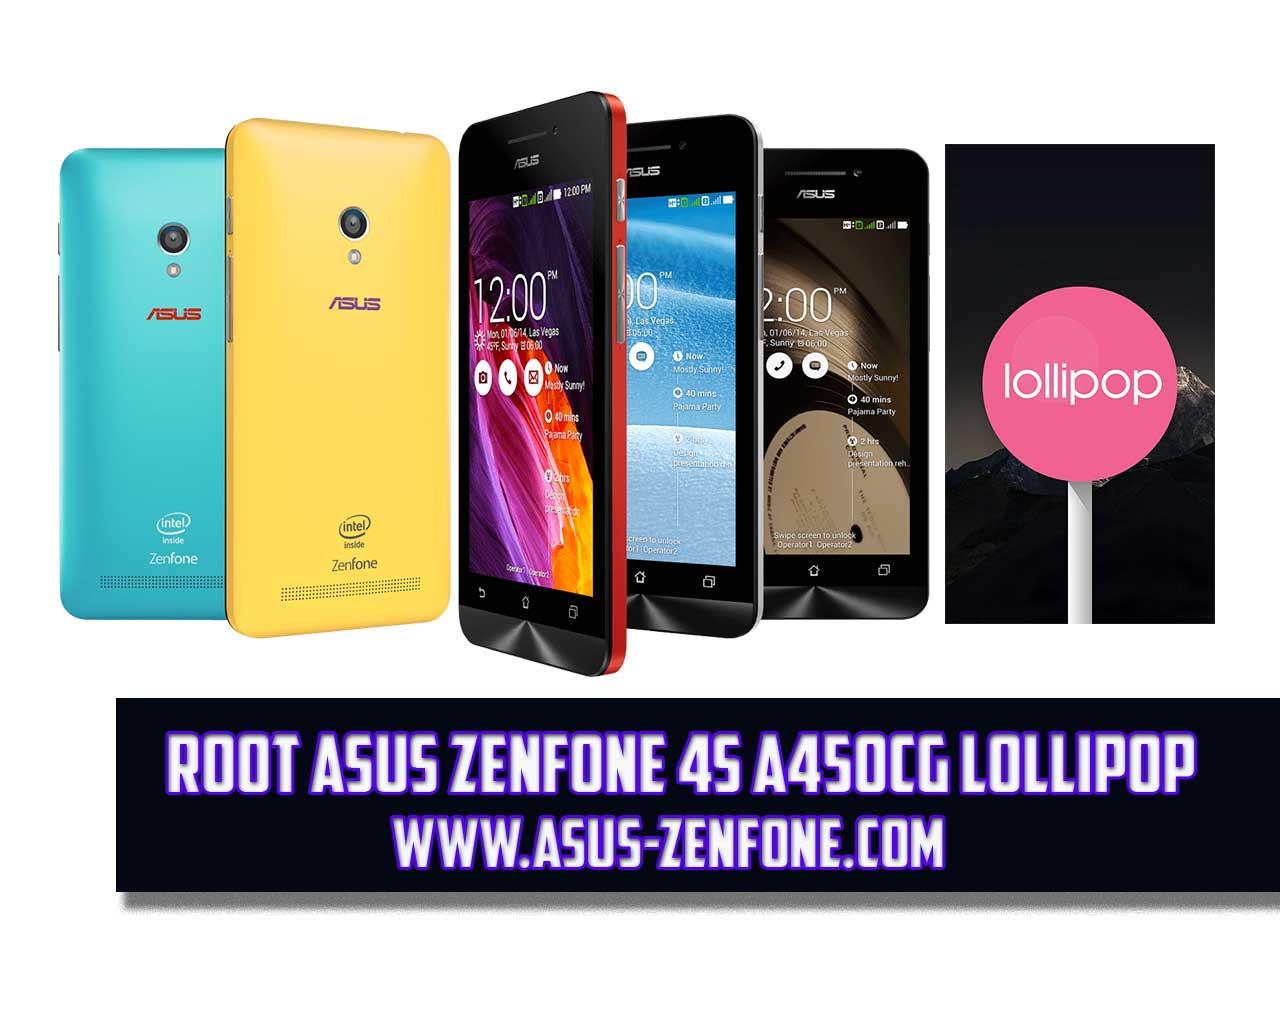 How to Root ASUS Zenfone 4S 4 5 T00Q/A450CG Lollipop ~ Asus Zenfone